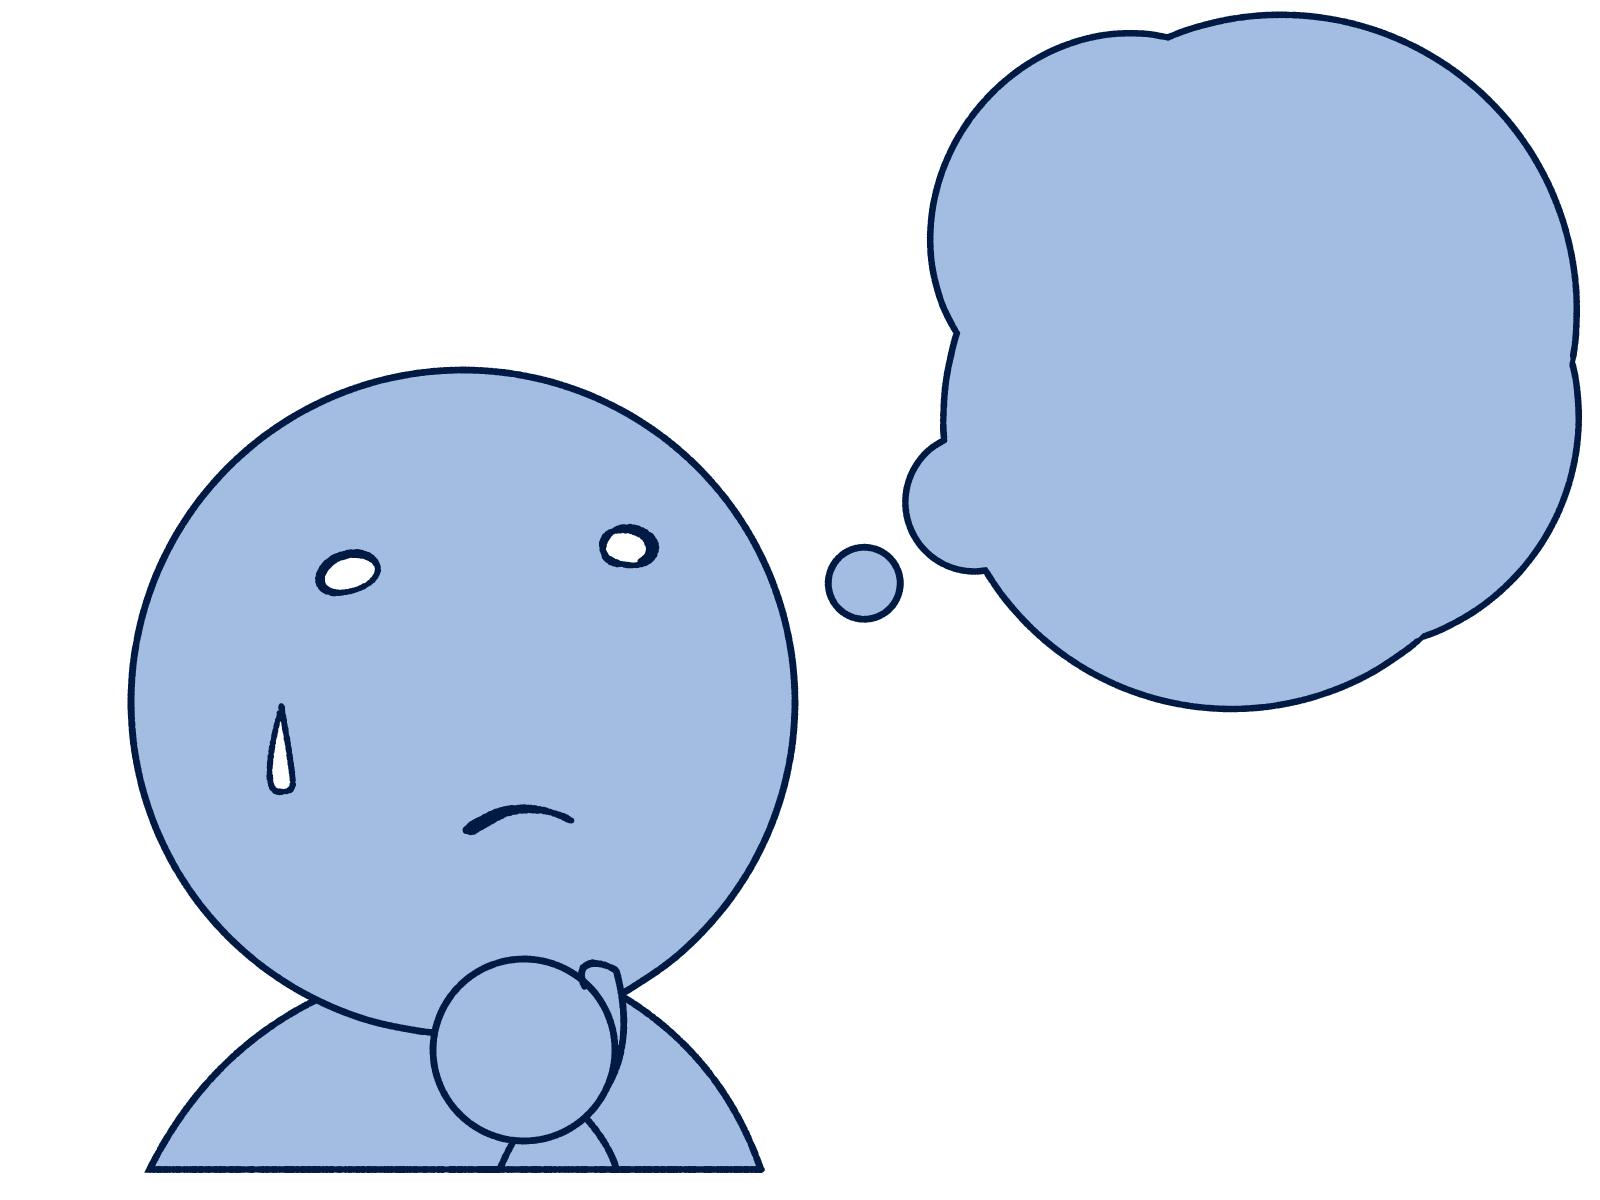 仕事・会社を休むのが悪いことのように思えて罪悪感を感じてしまう。